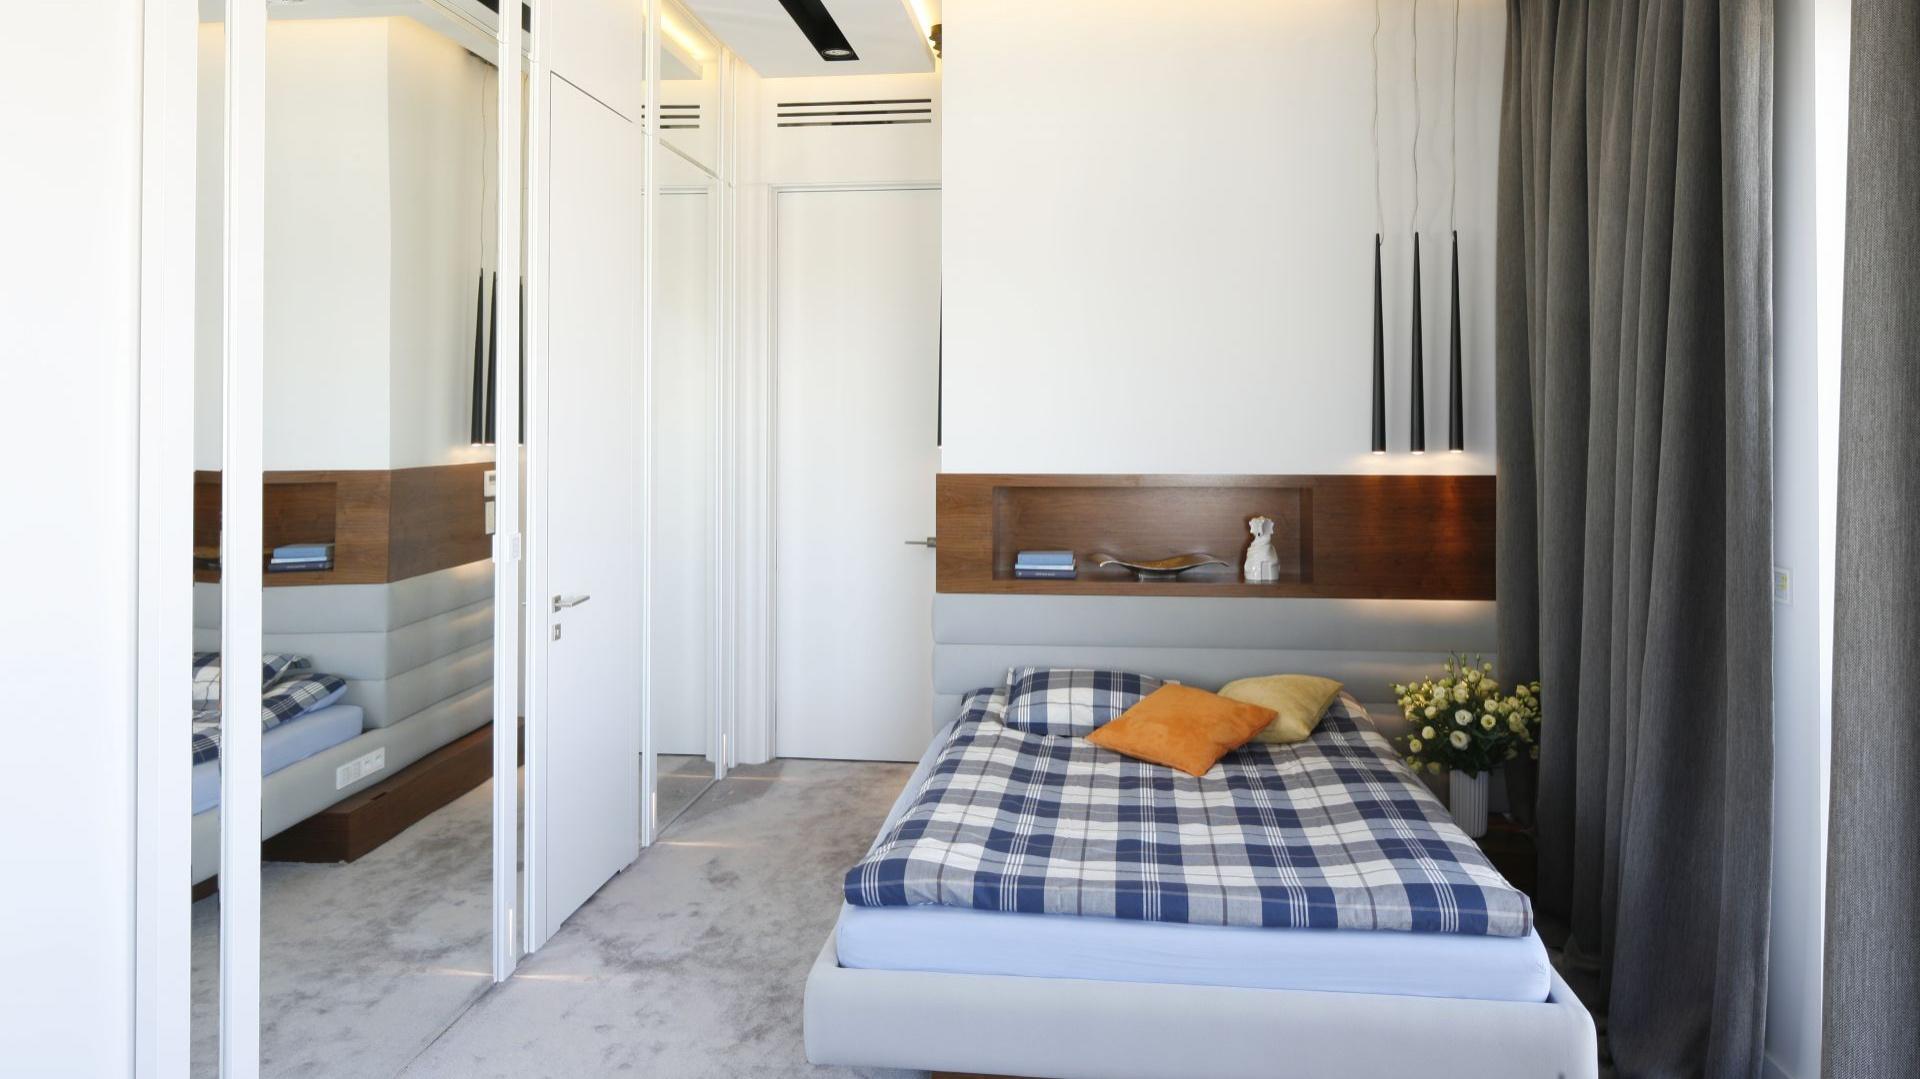 Półka nad łóżkiem to przydatna rzecz. Można na niej przechowywać książki czy lampkę nocną, może również stanowić alternatywę dla stolików nocnych. Projekt: Monika i Adam Bronikowscy. Fot. Bartosz Jarosz.